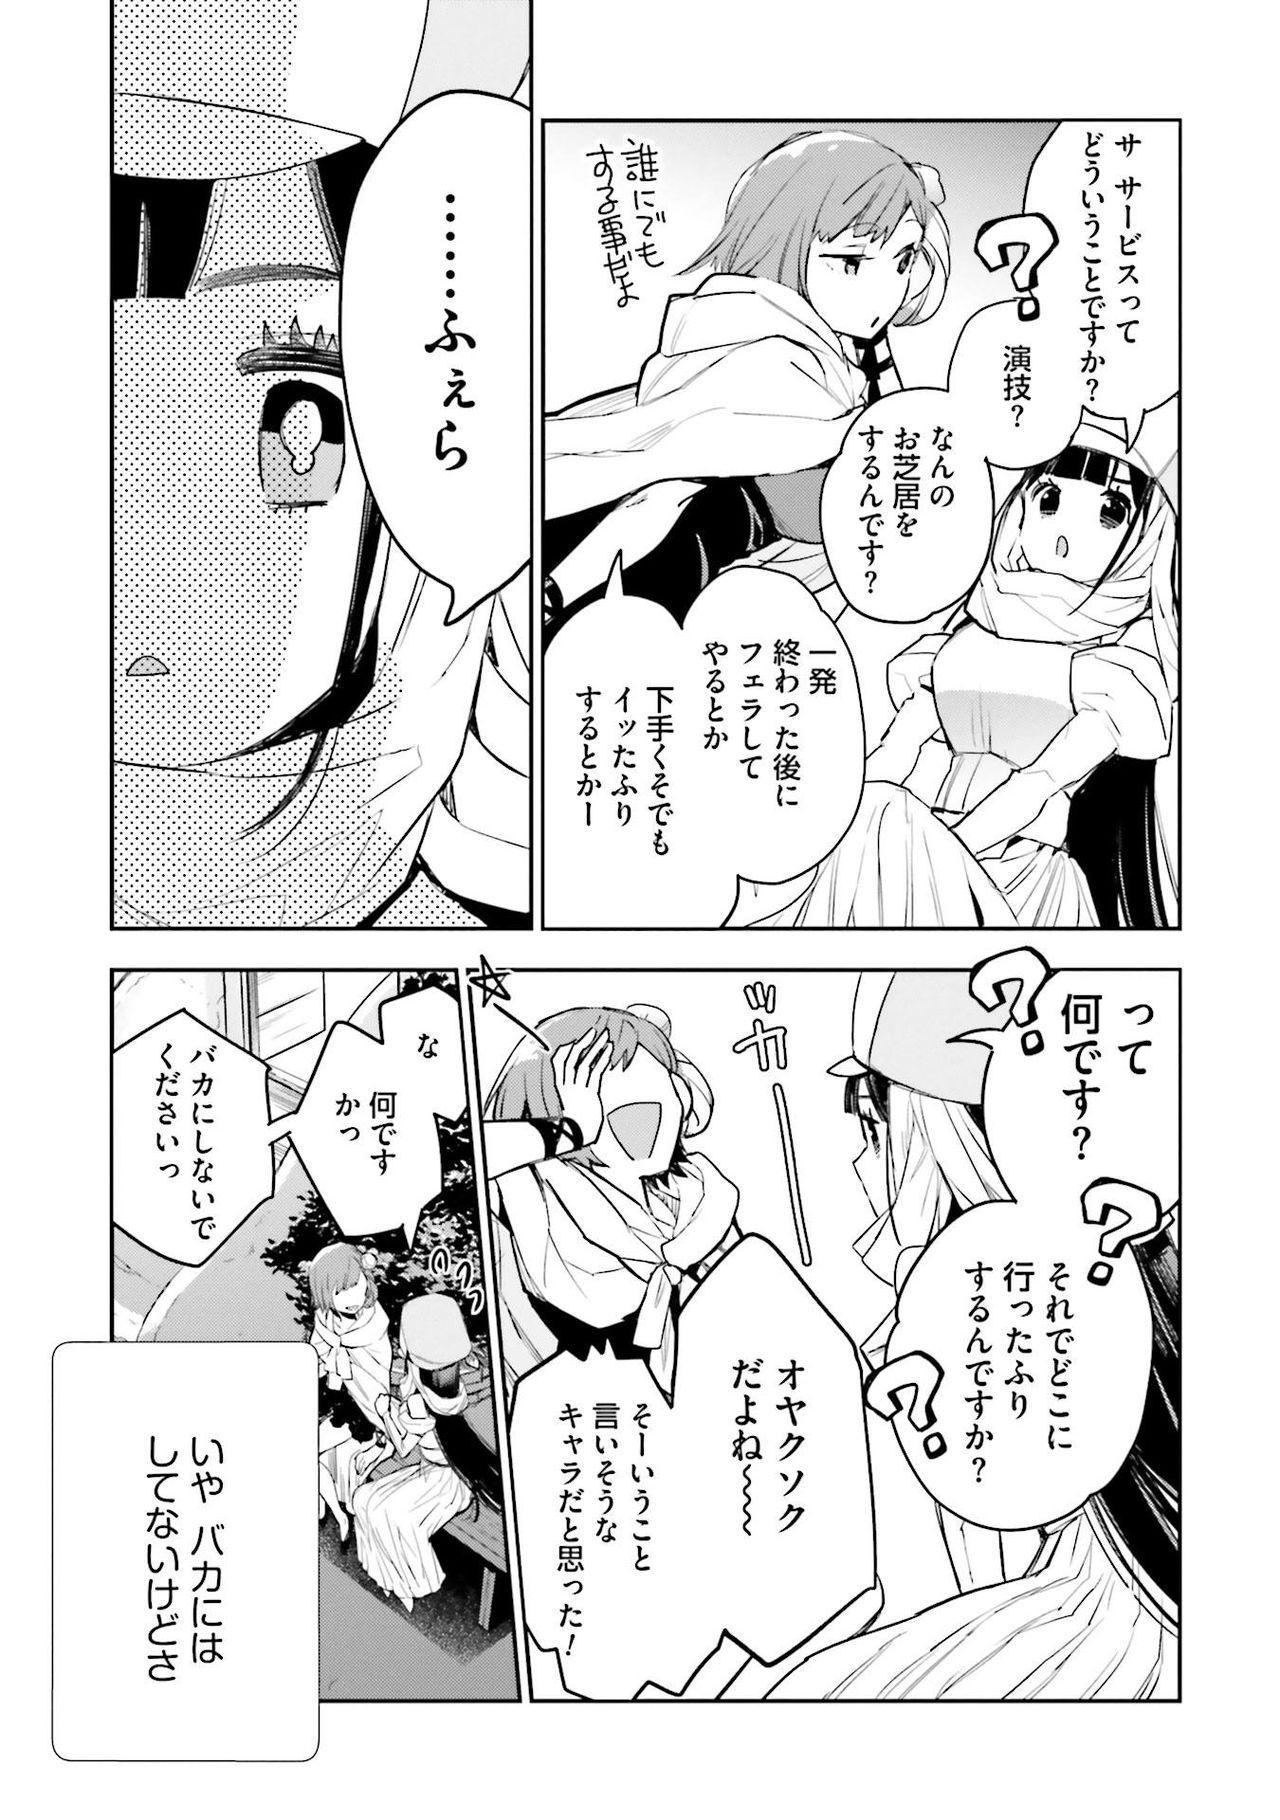 JK Haru wa Isekai de Shoufu ni Natta 1-14 201